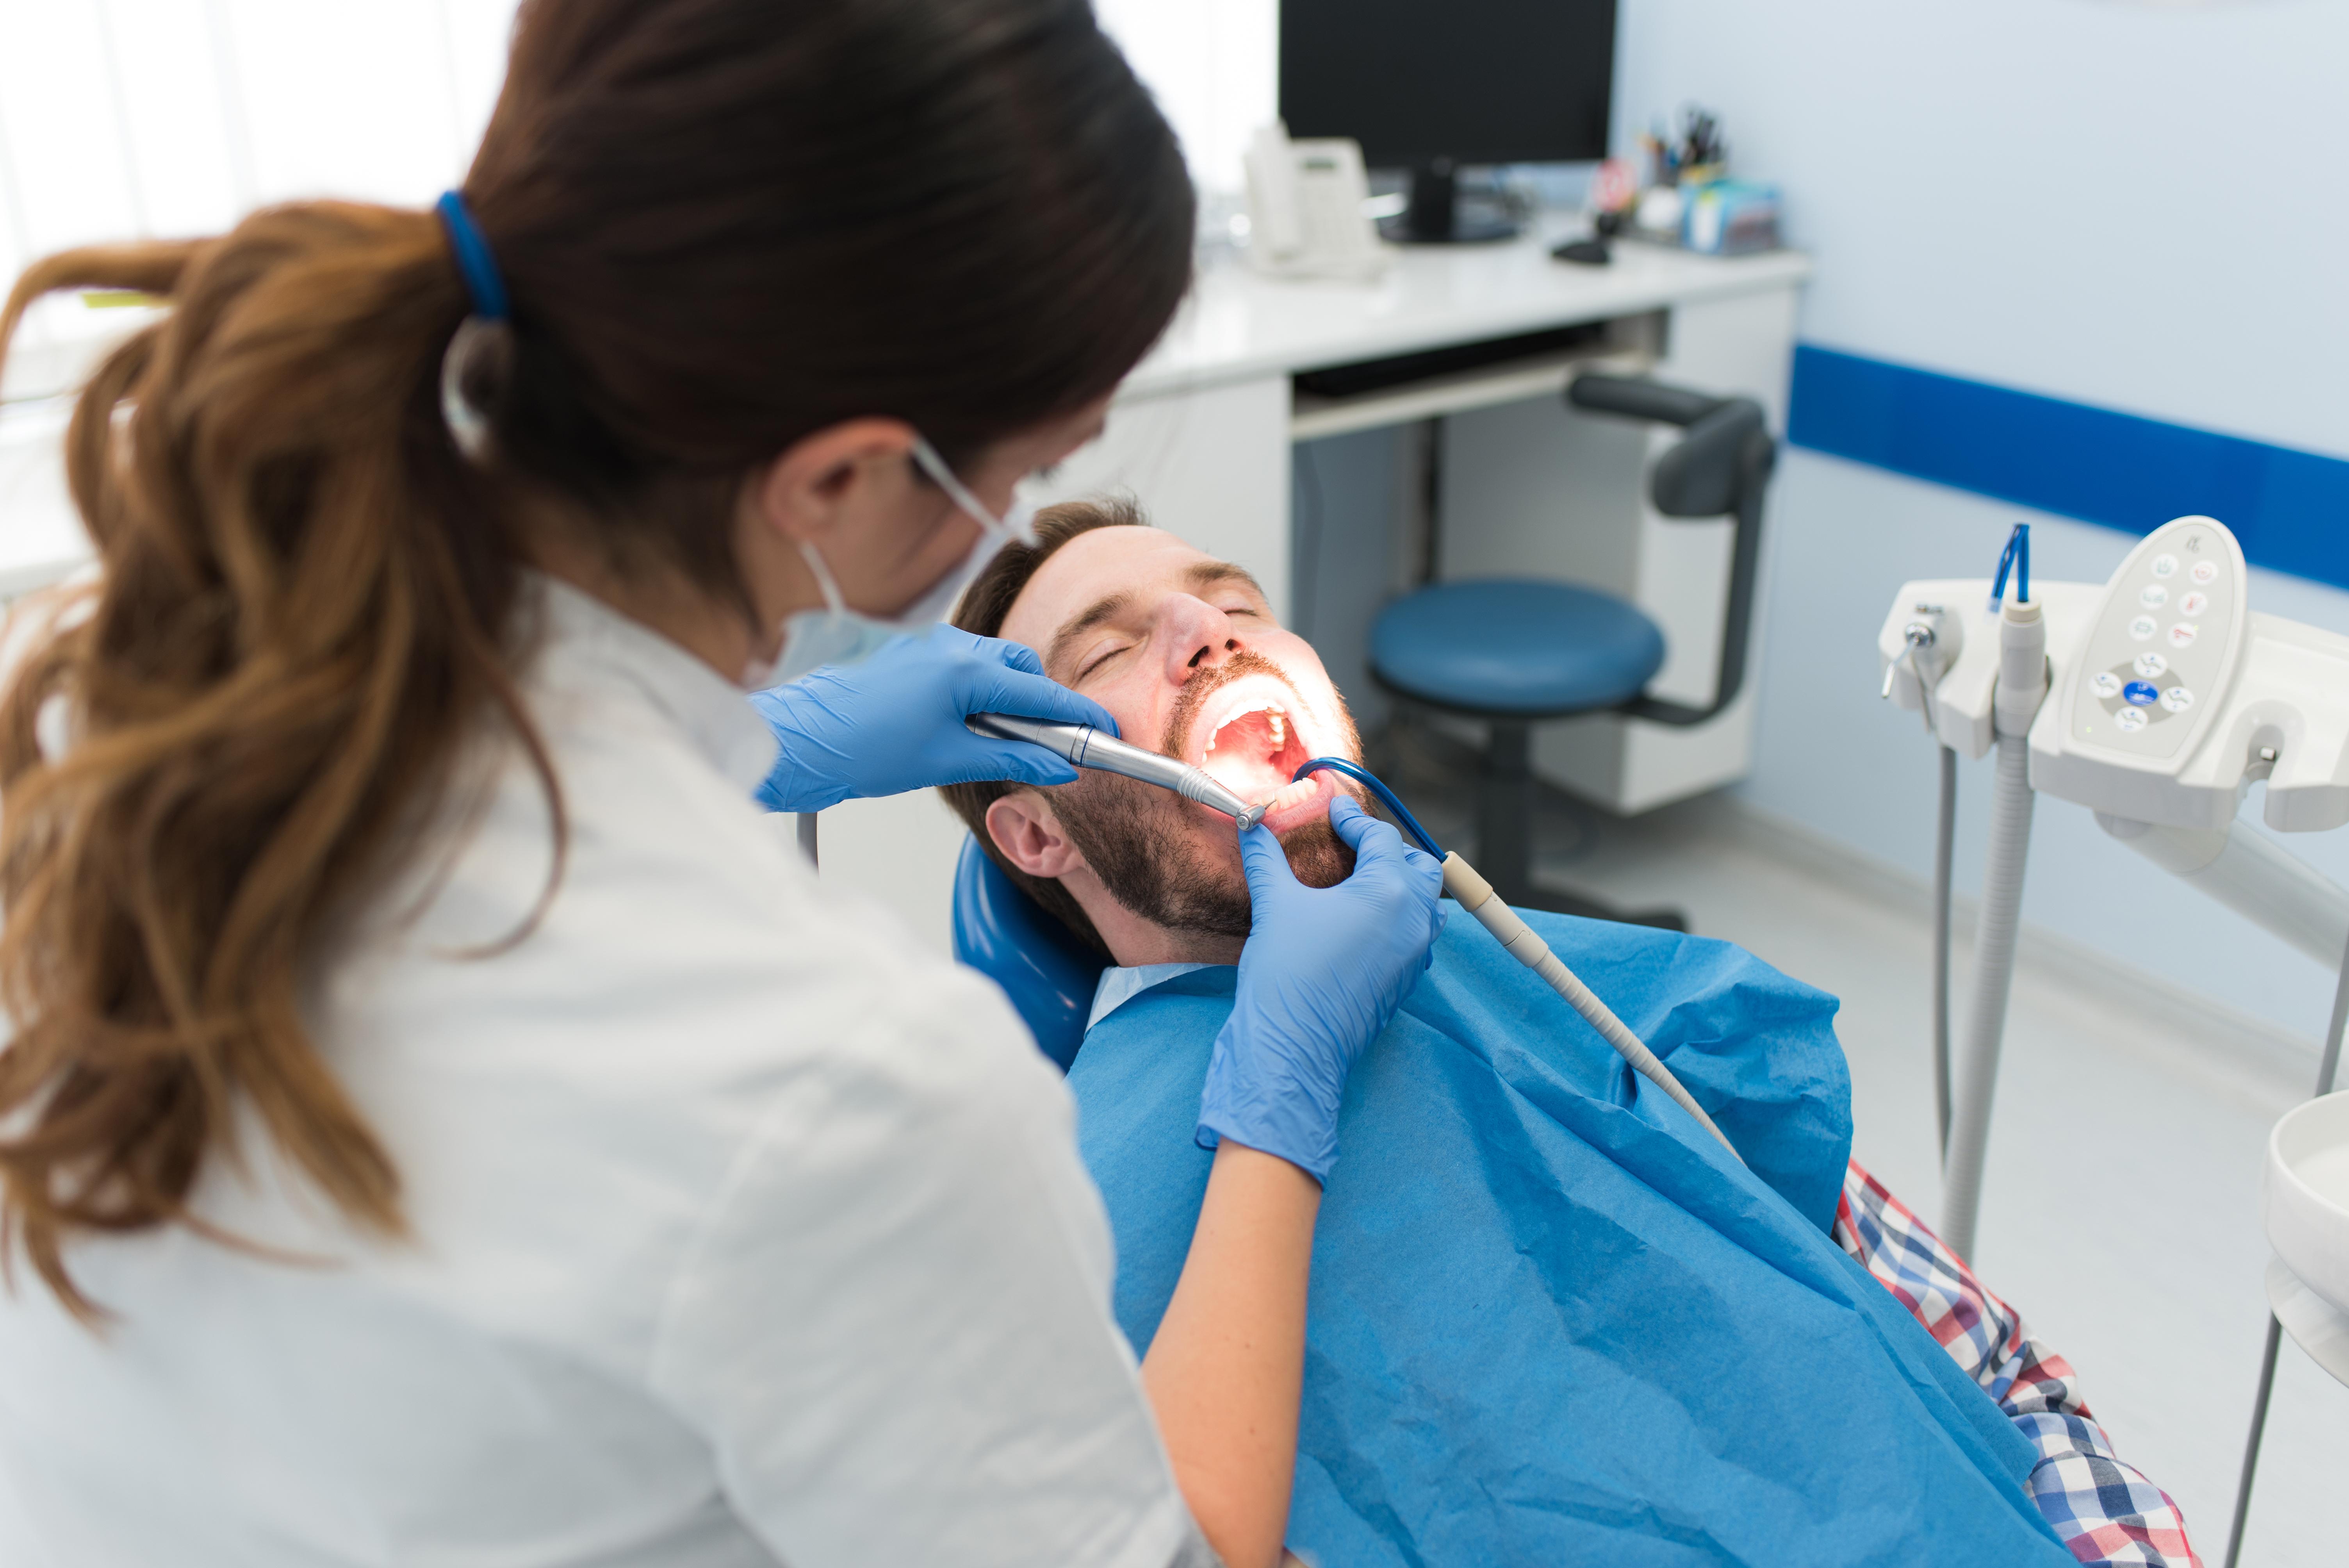 Den största minskningen i andel tandvårdsbesök över tid ses i åldersgruppen 35-49 år.